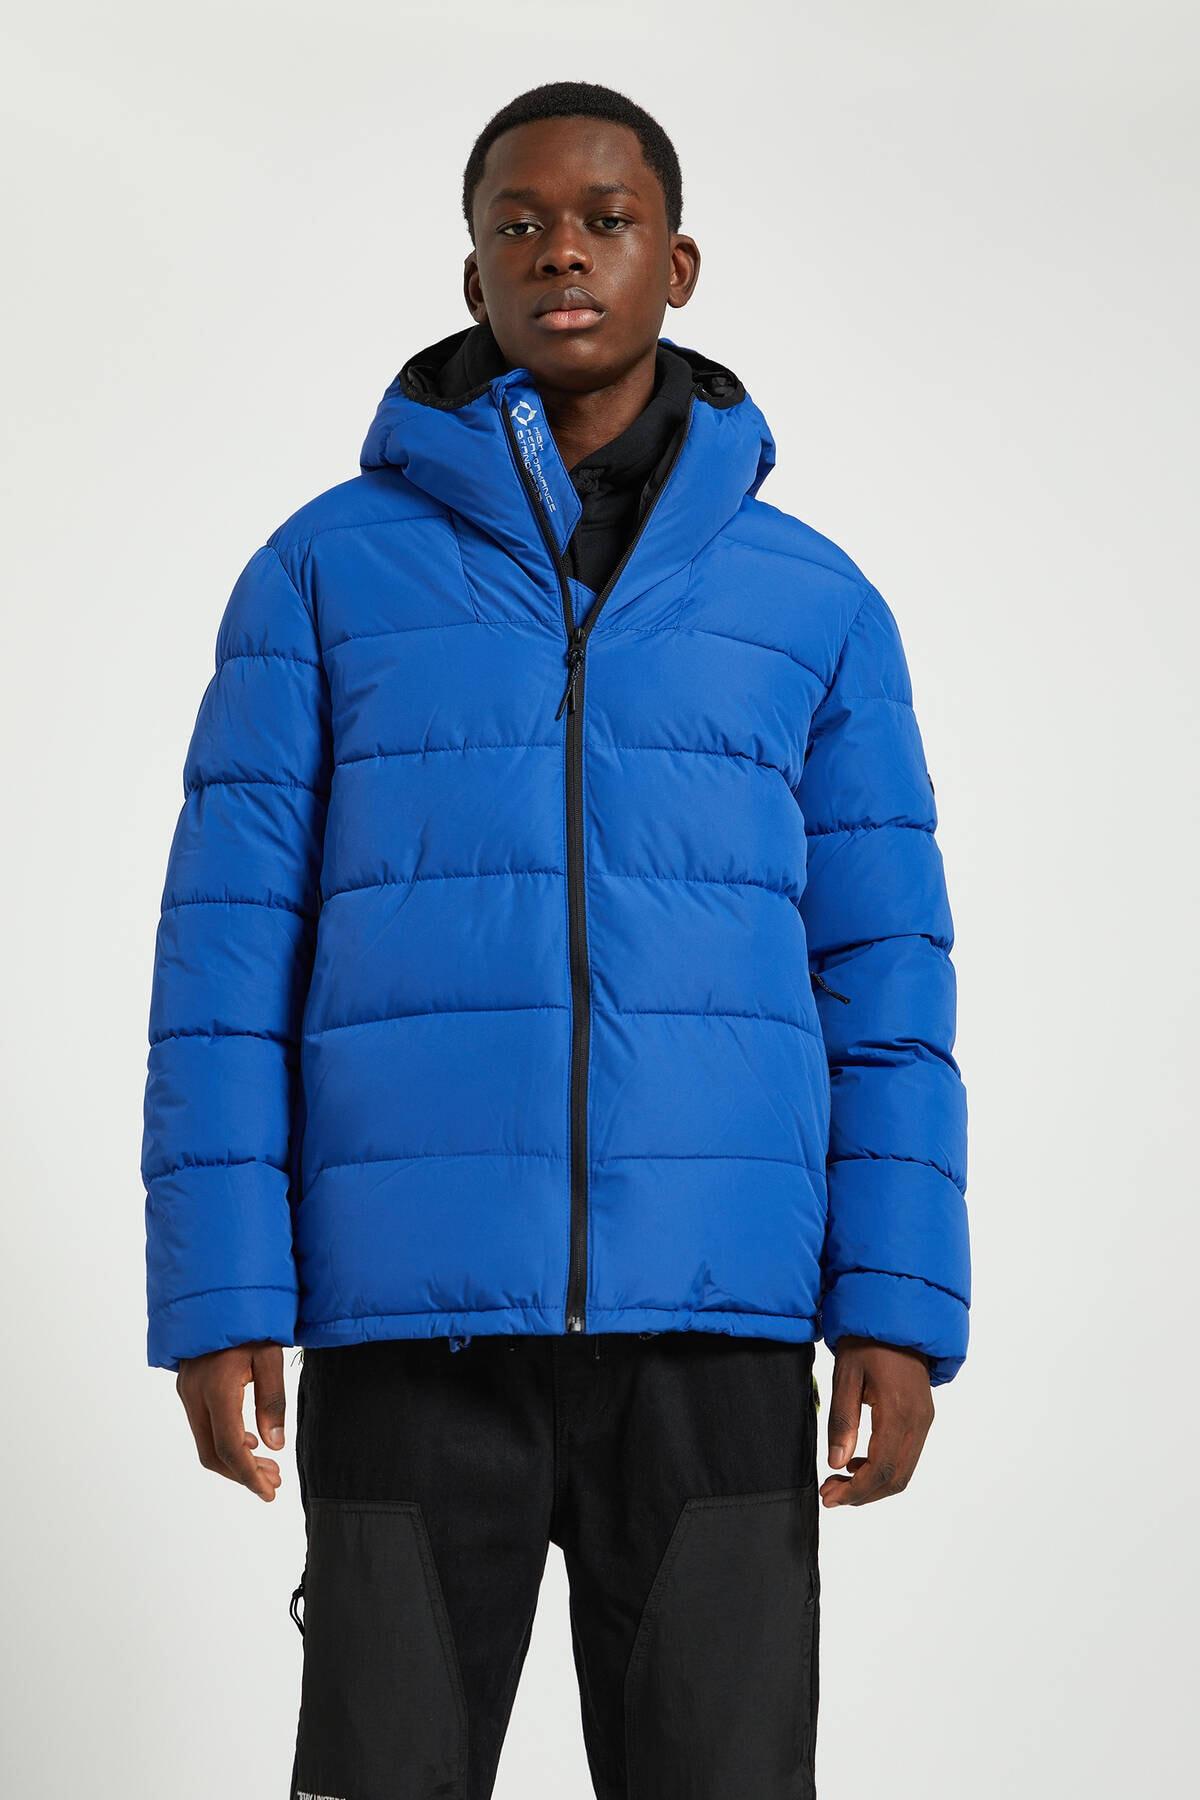 Pull & Bear Erkek Yoğun Mavi Kapüşonlu Basic Şişme Mont 09710907